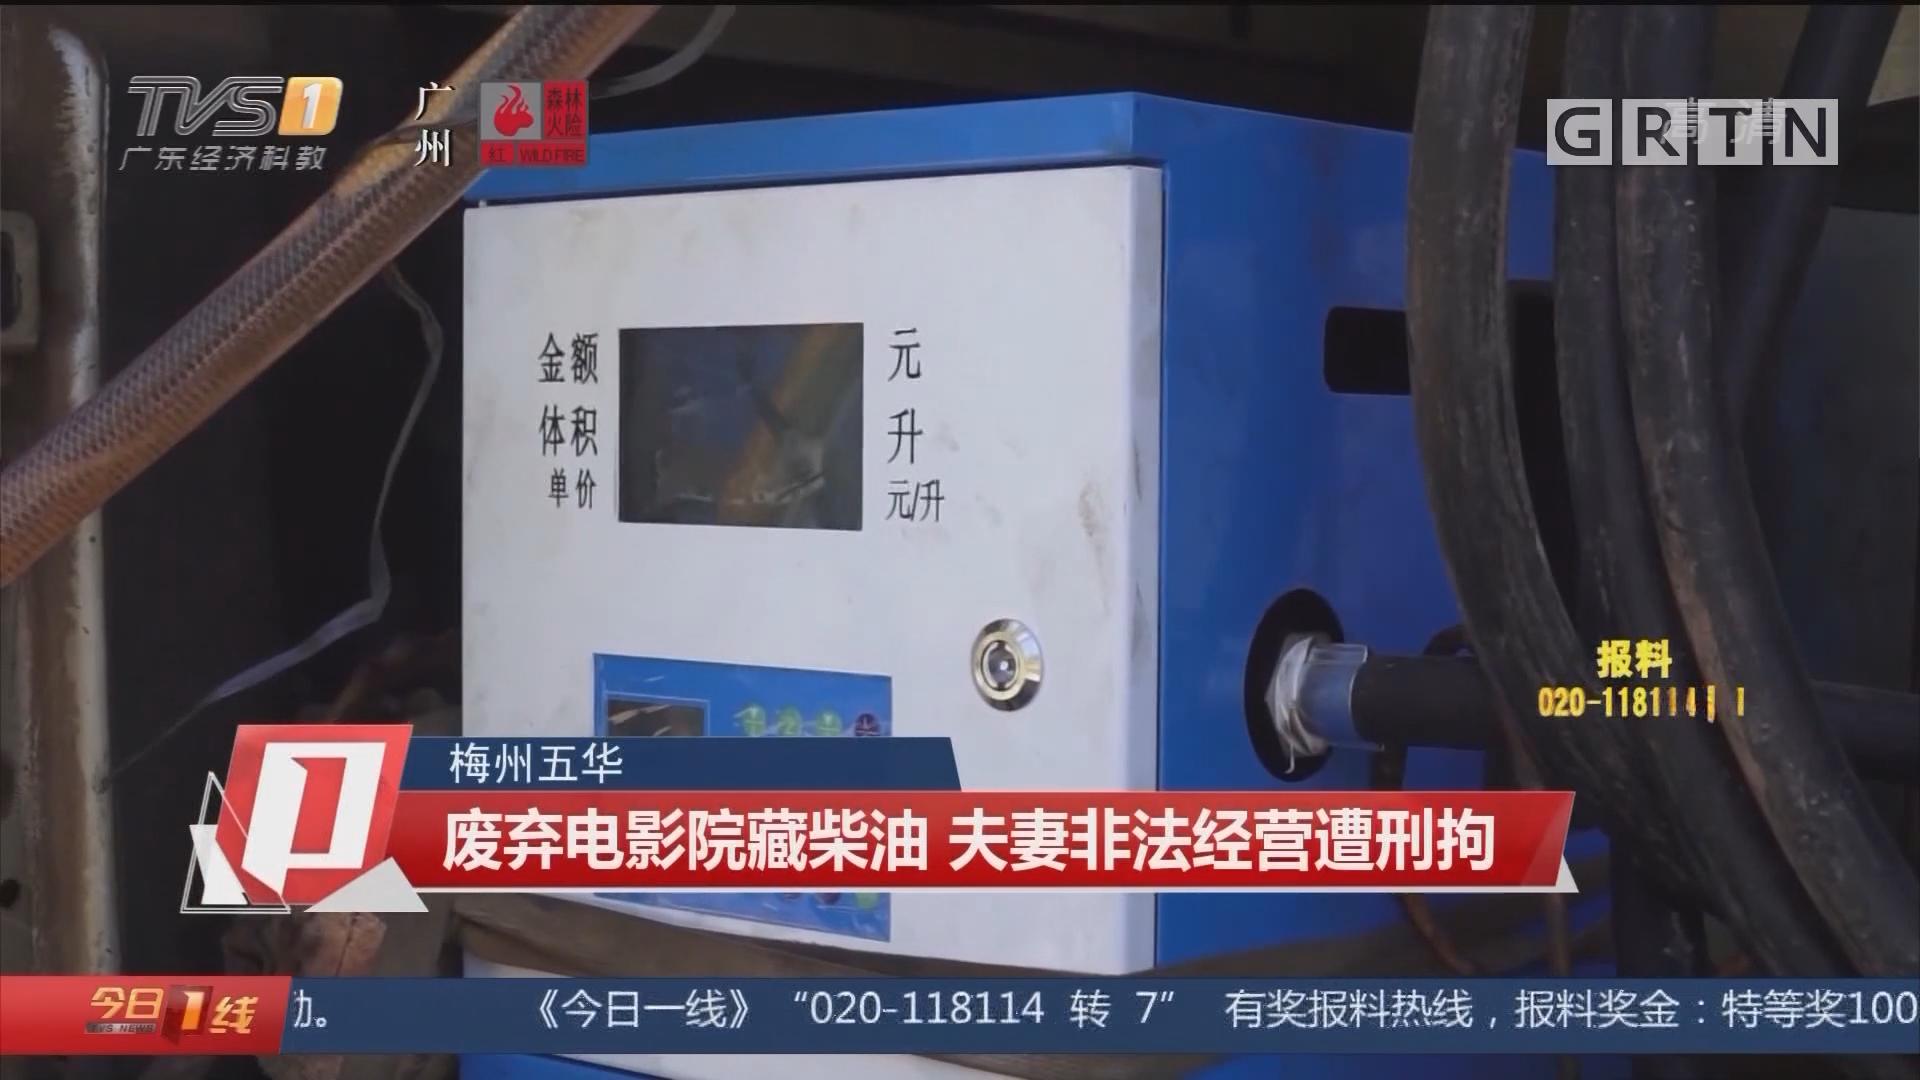 梅州五华:废弃电影院藏柴油 夫妻非法经营遭刑拘